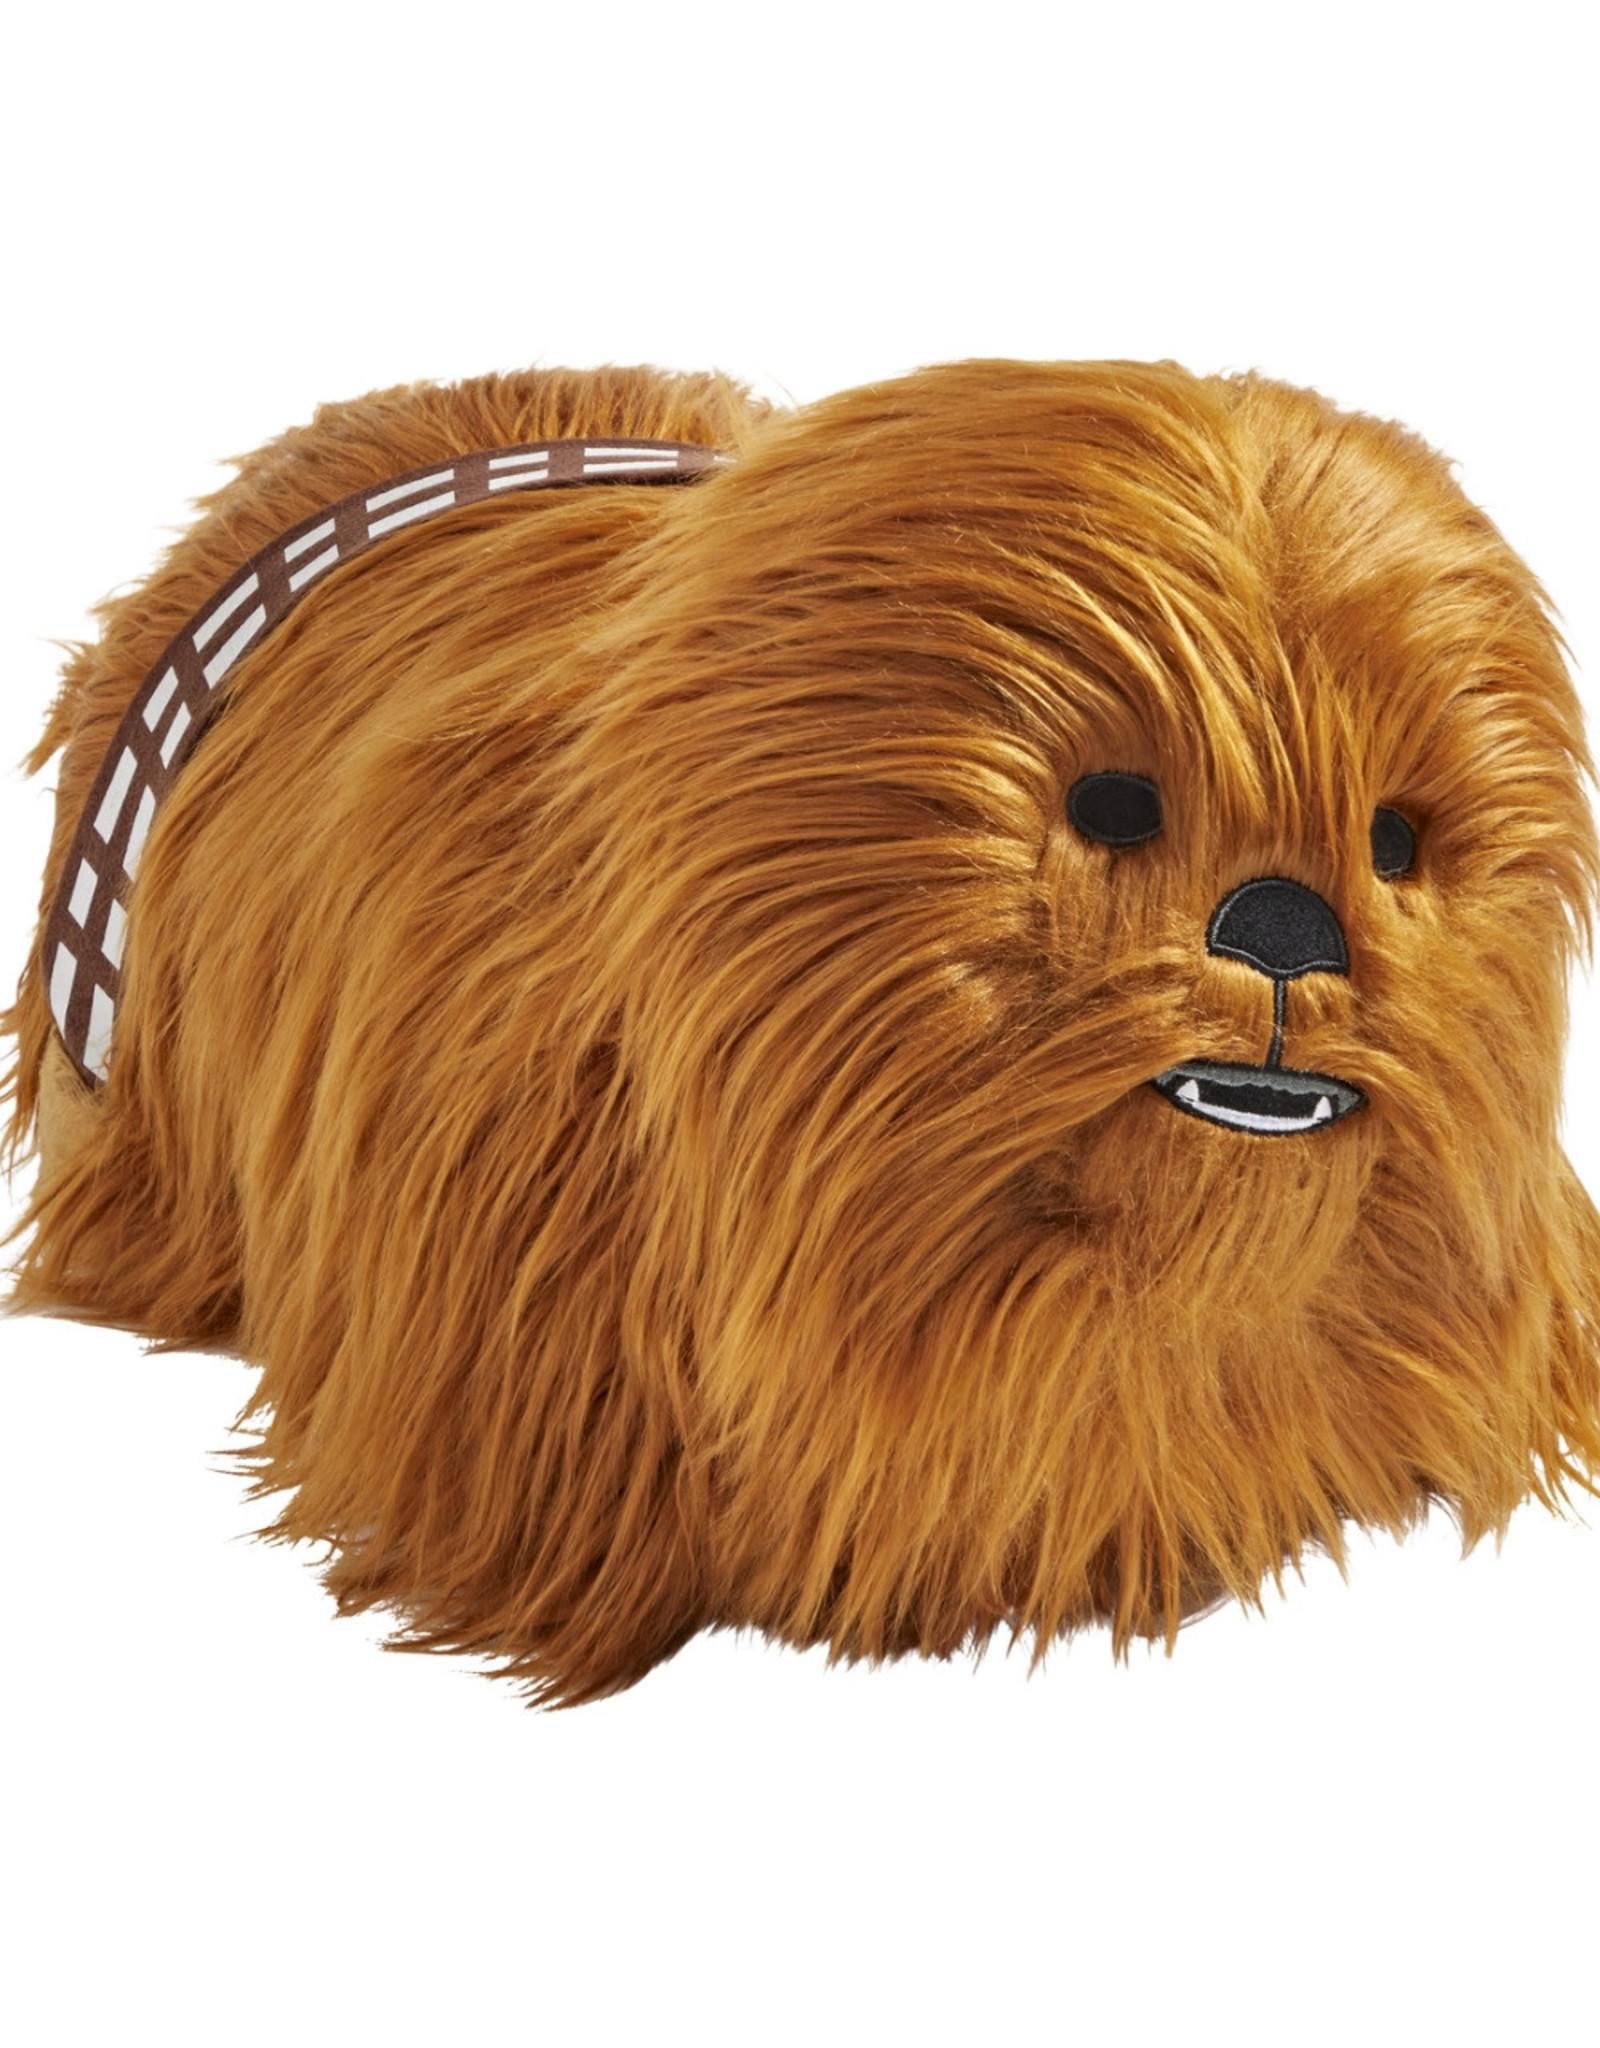 Pillow Pets Chewbacca Star Wars Pillow Pet